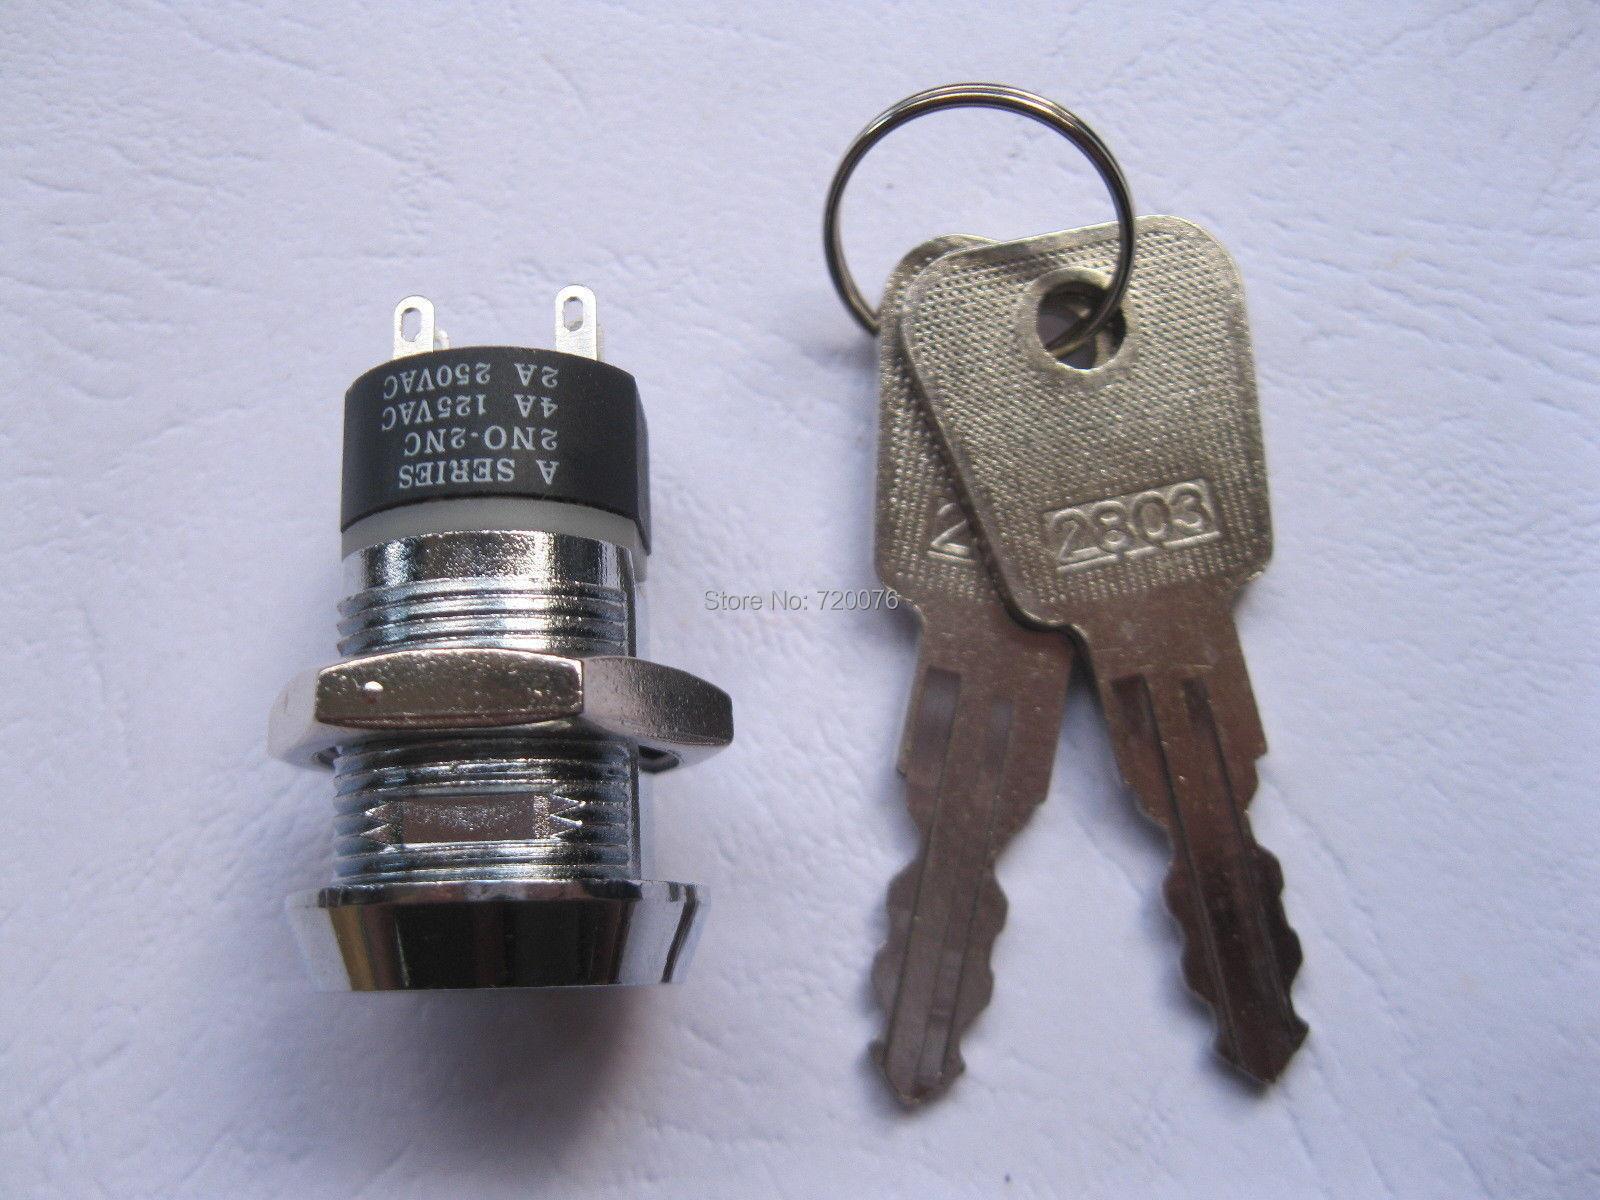 6 pcs Commutateur D'allumage Touche ON/OFF Verrouillage Interrupteur K28 2NO-2NC